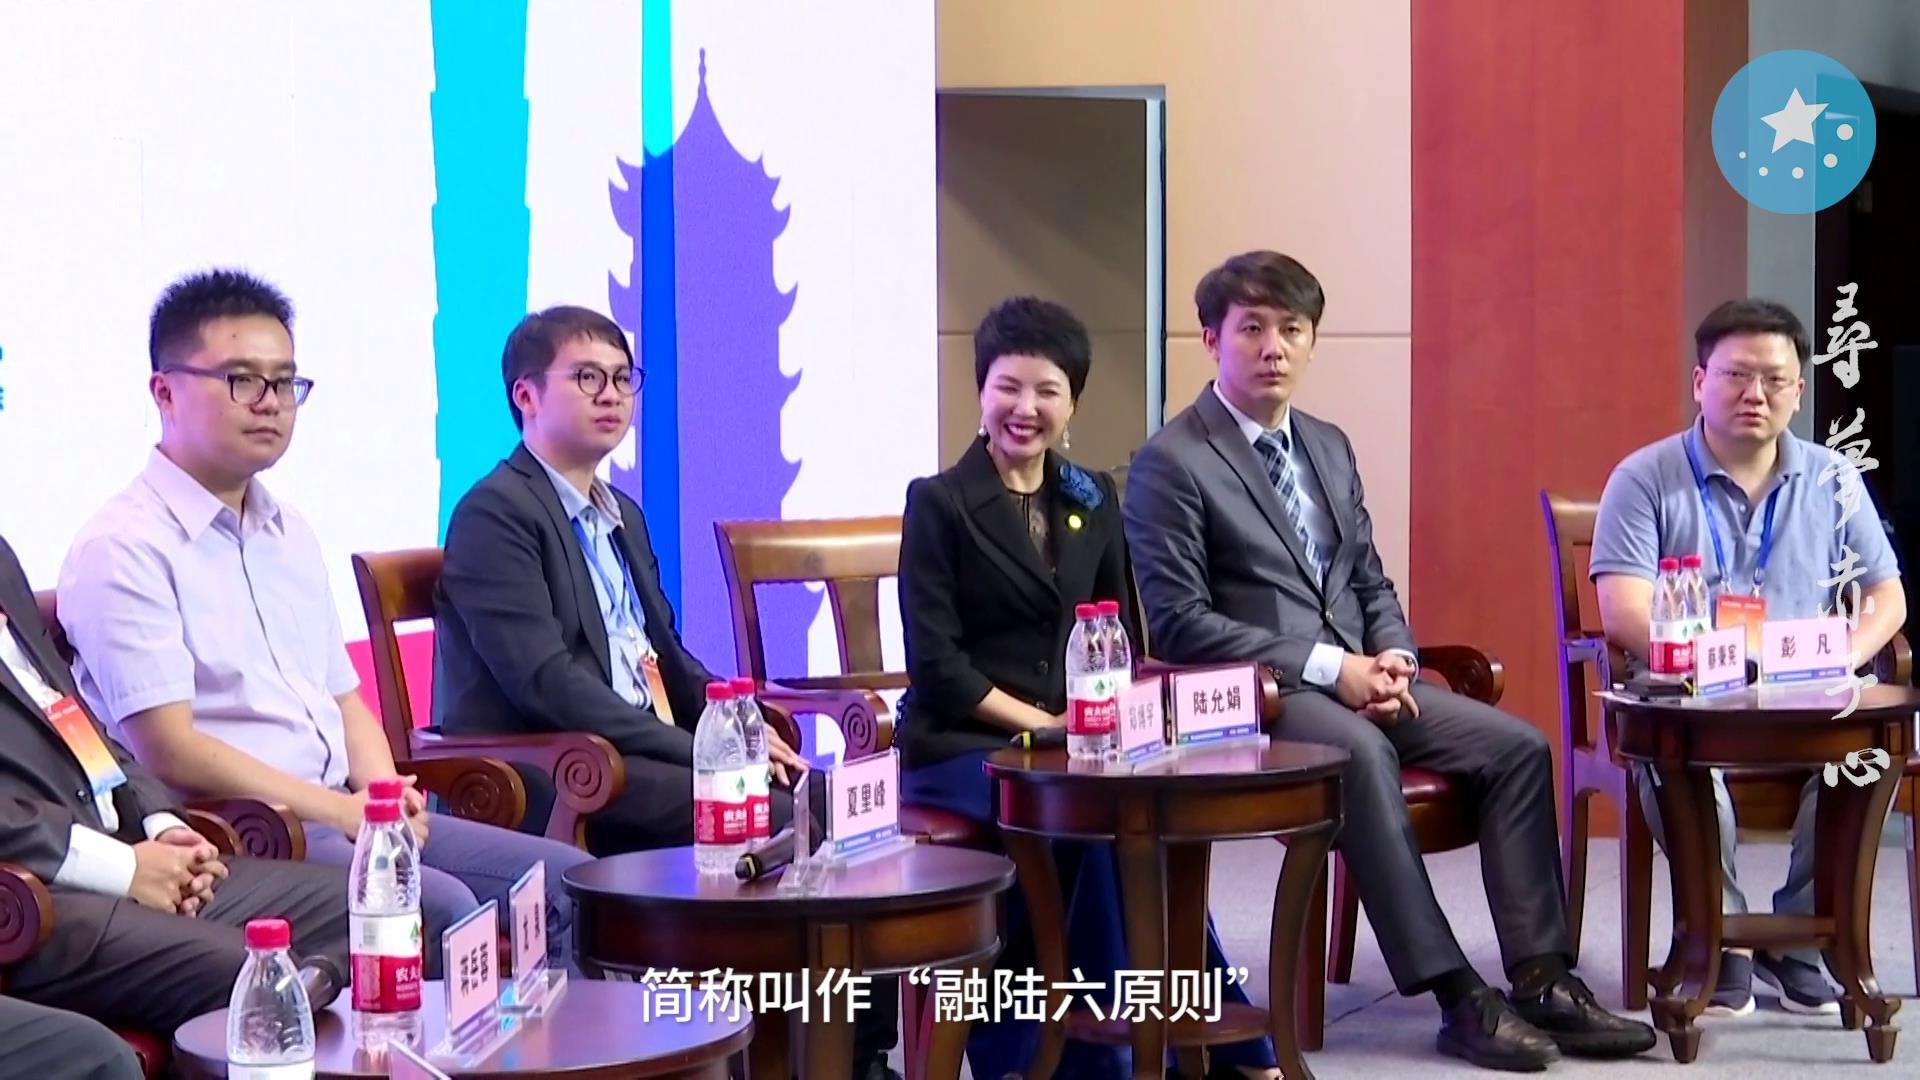 做人要靠自己!新時代臺灣青年鄭博宇:希望更多的臺灣青年能夠融入大陸圖片